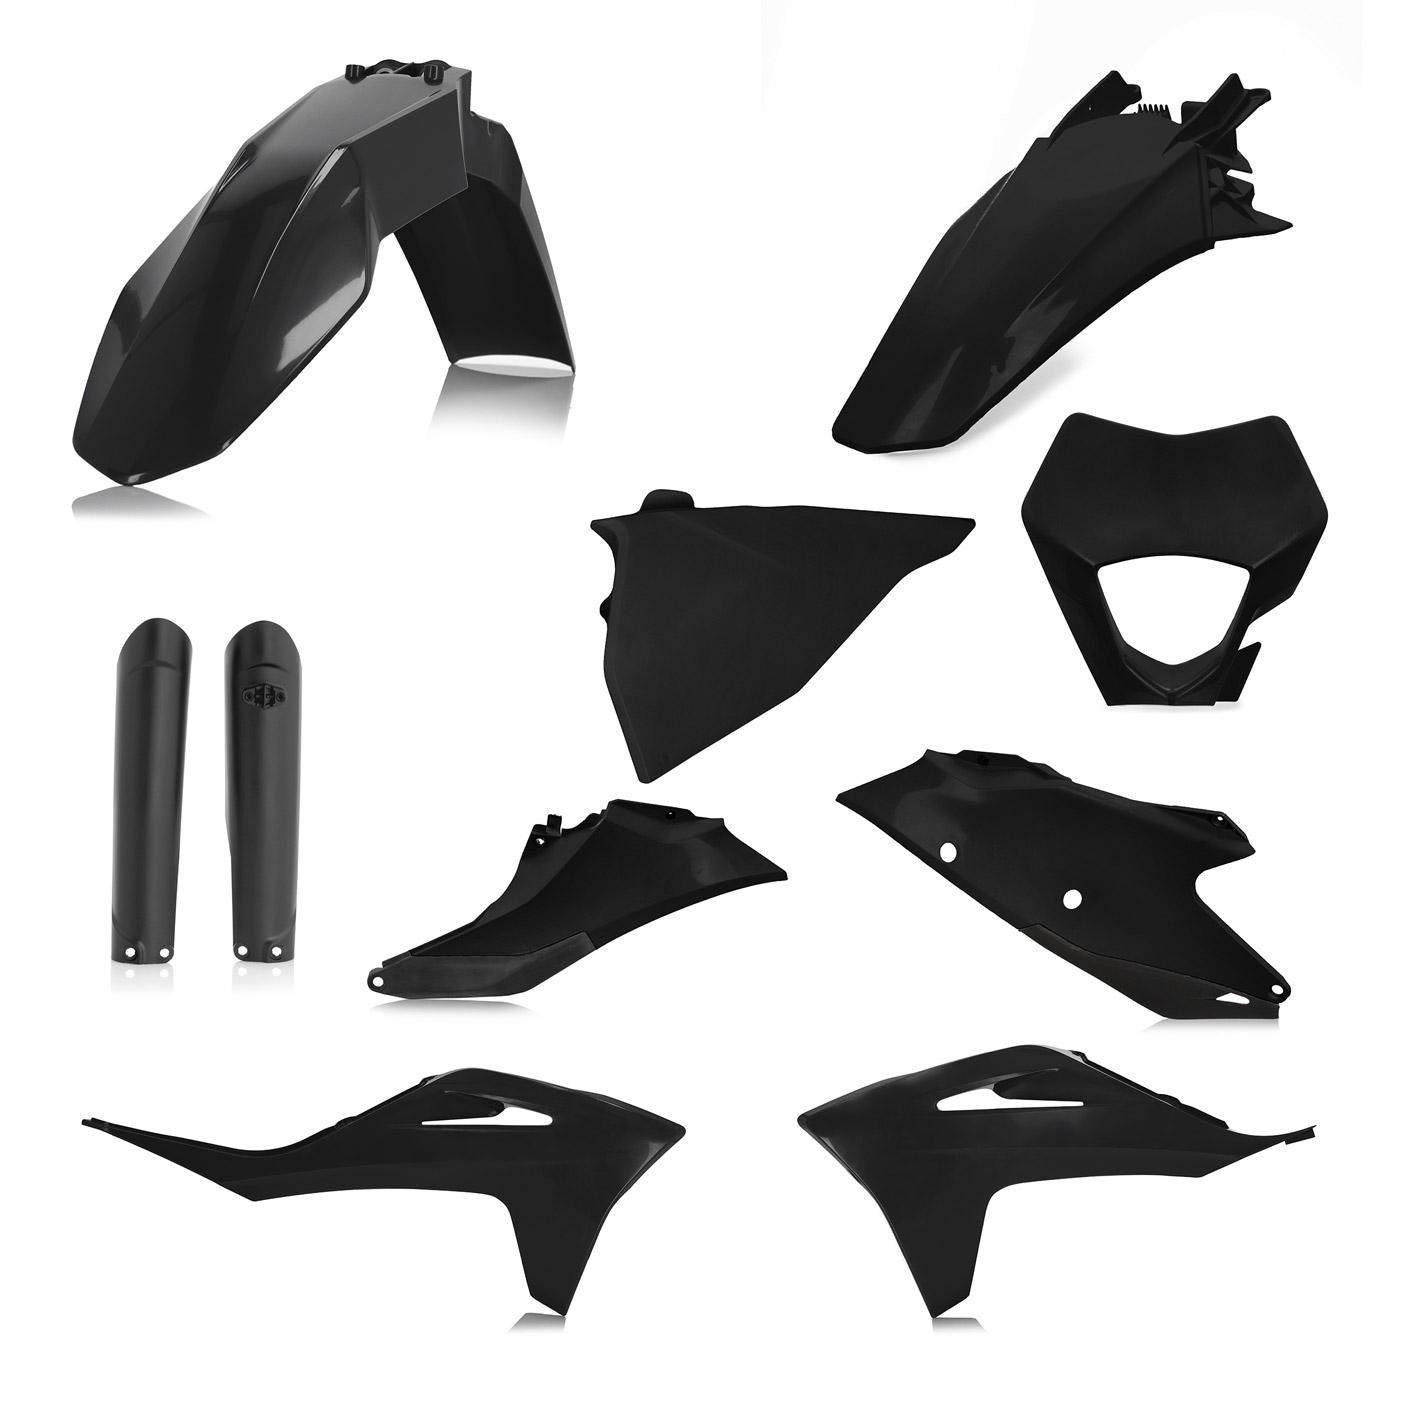 Plastikteile für deine GASGAS EC und EC-F in schwarz, bestehend aus Frontkotflügel, Heckkotflügel, Tankspoiler, Gabelschoner, Nummerntafeln und Lampenmaske